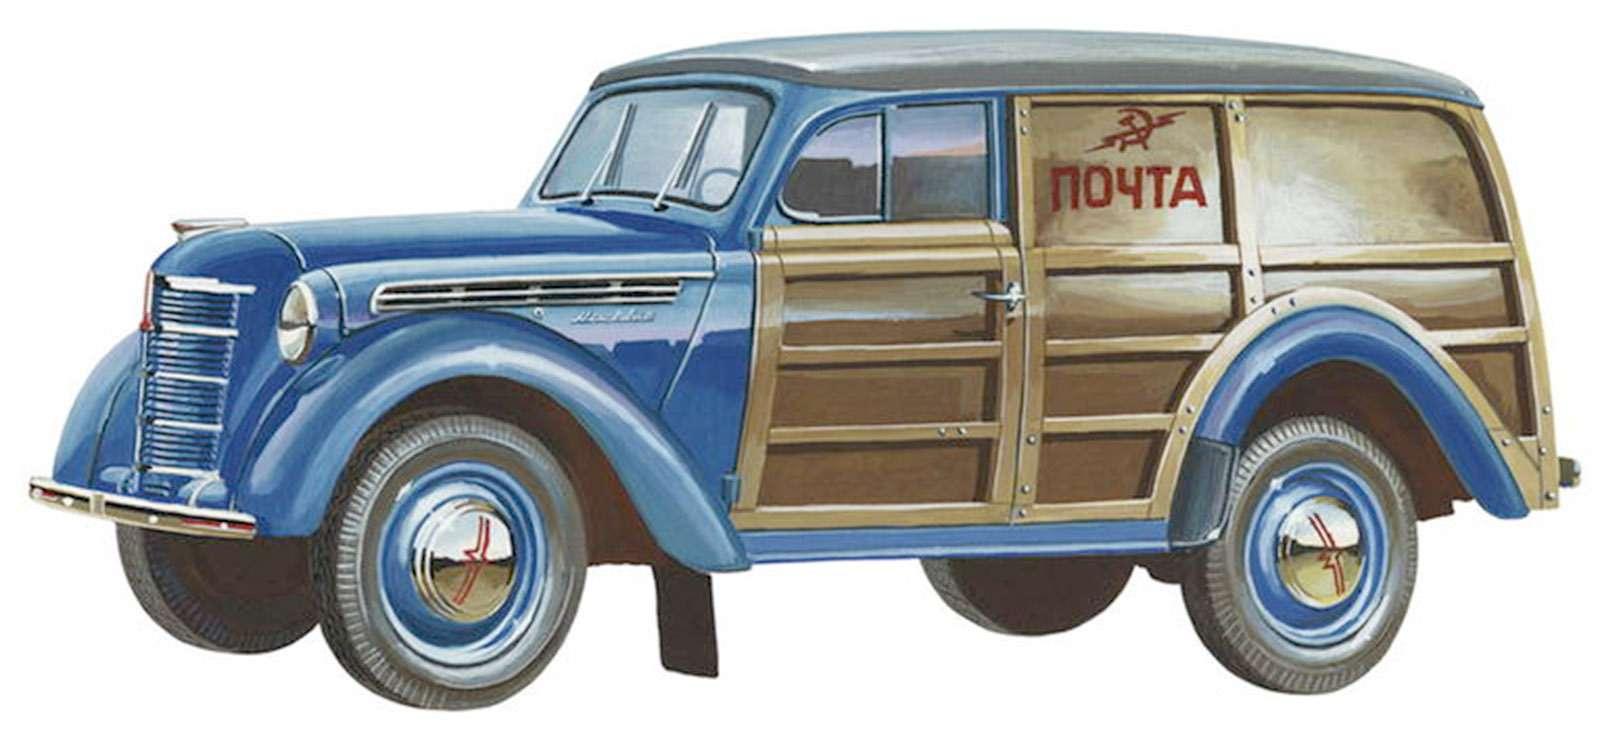 УАЗ«Баклан», деревянный Москвич идругие— фото 722874